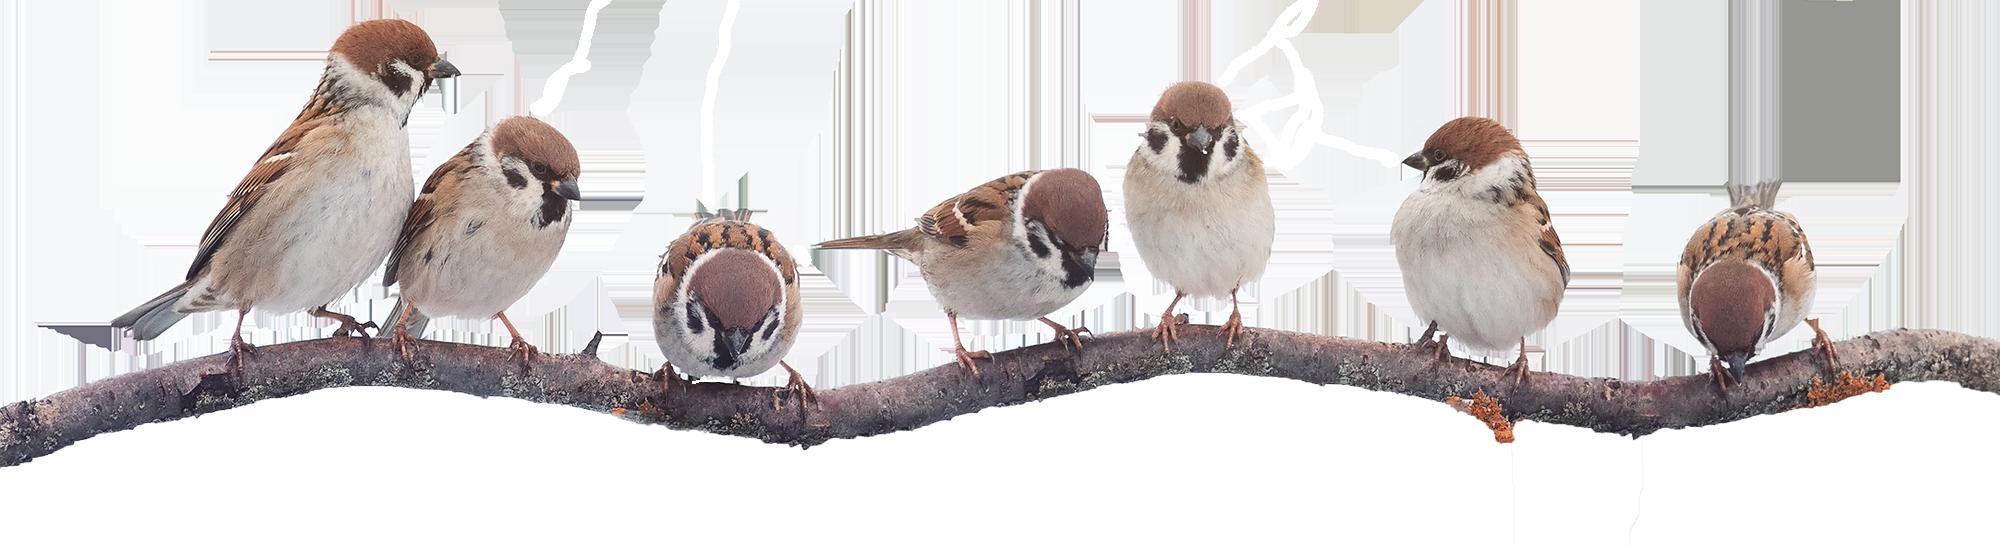 birds-bg2-5c475cb7a5021